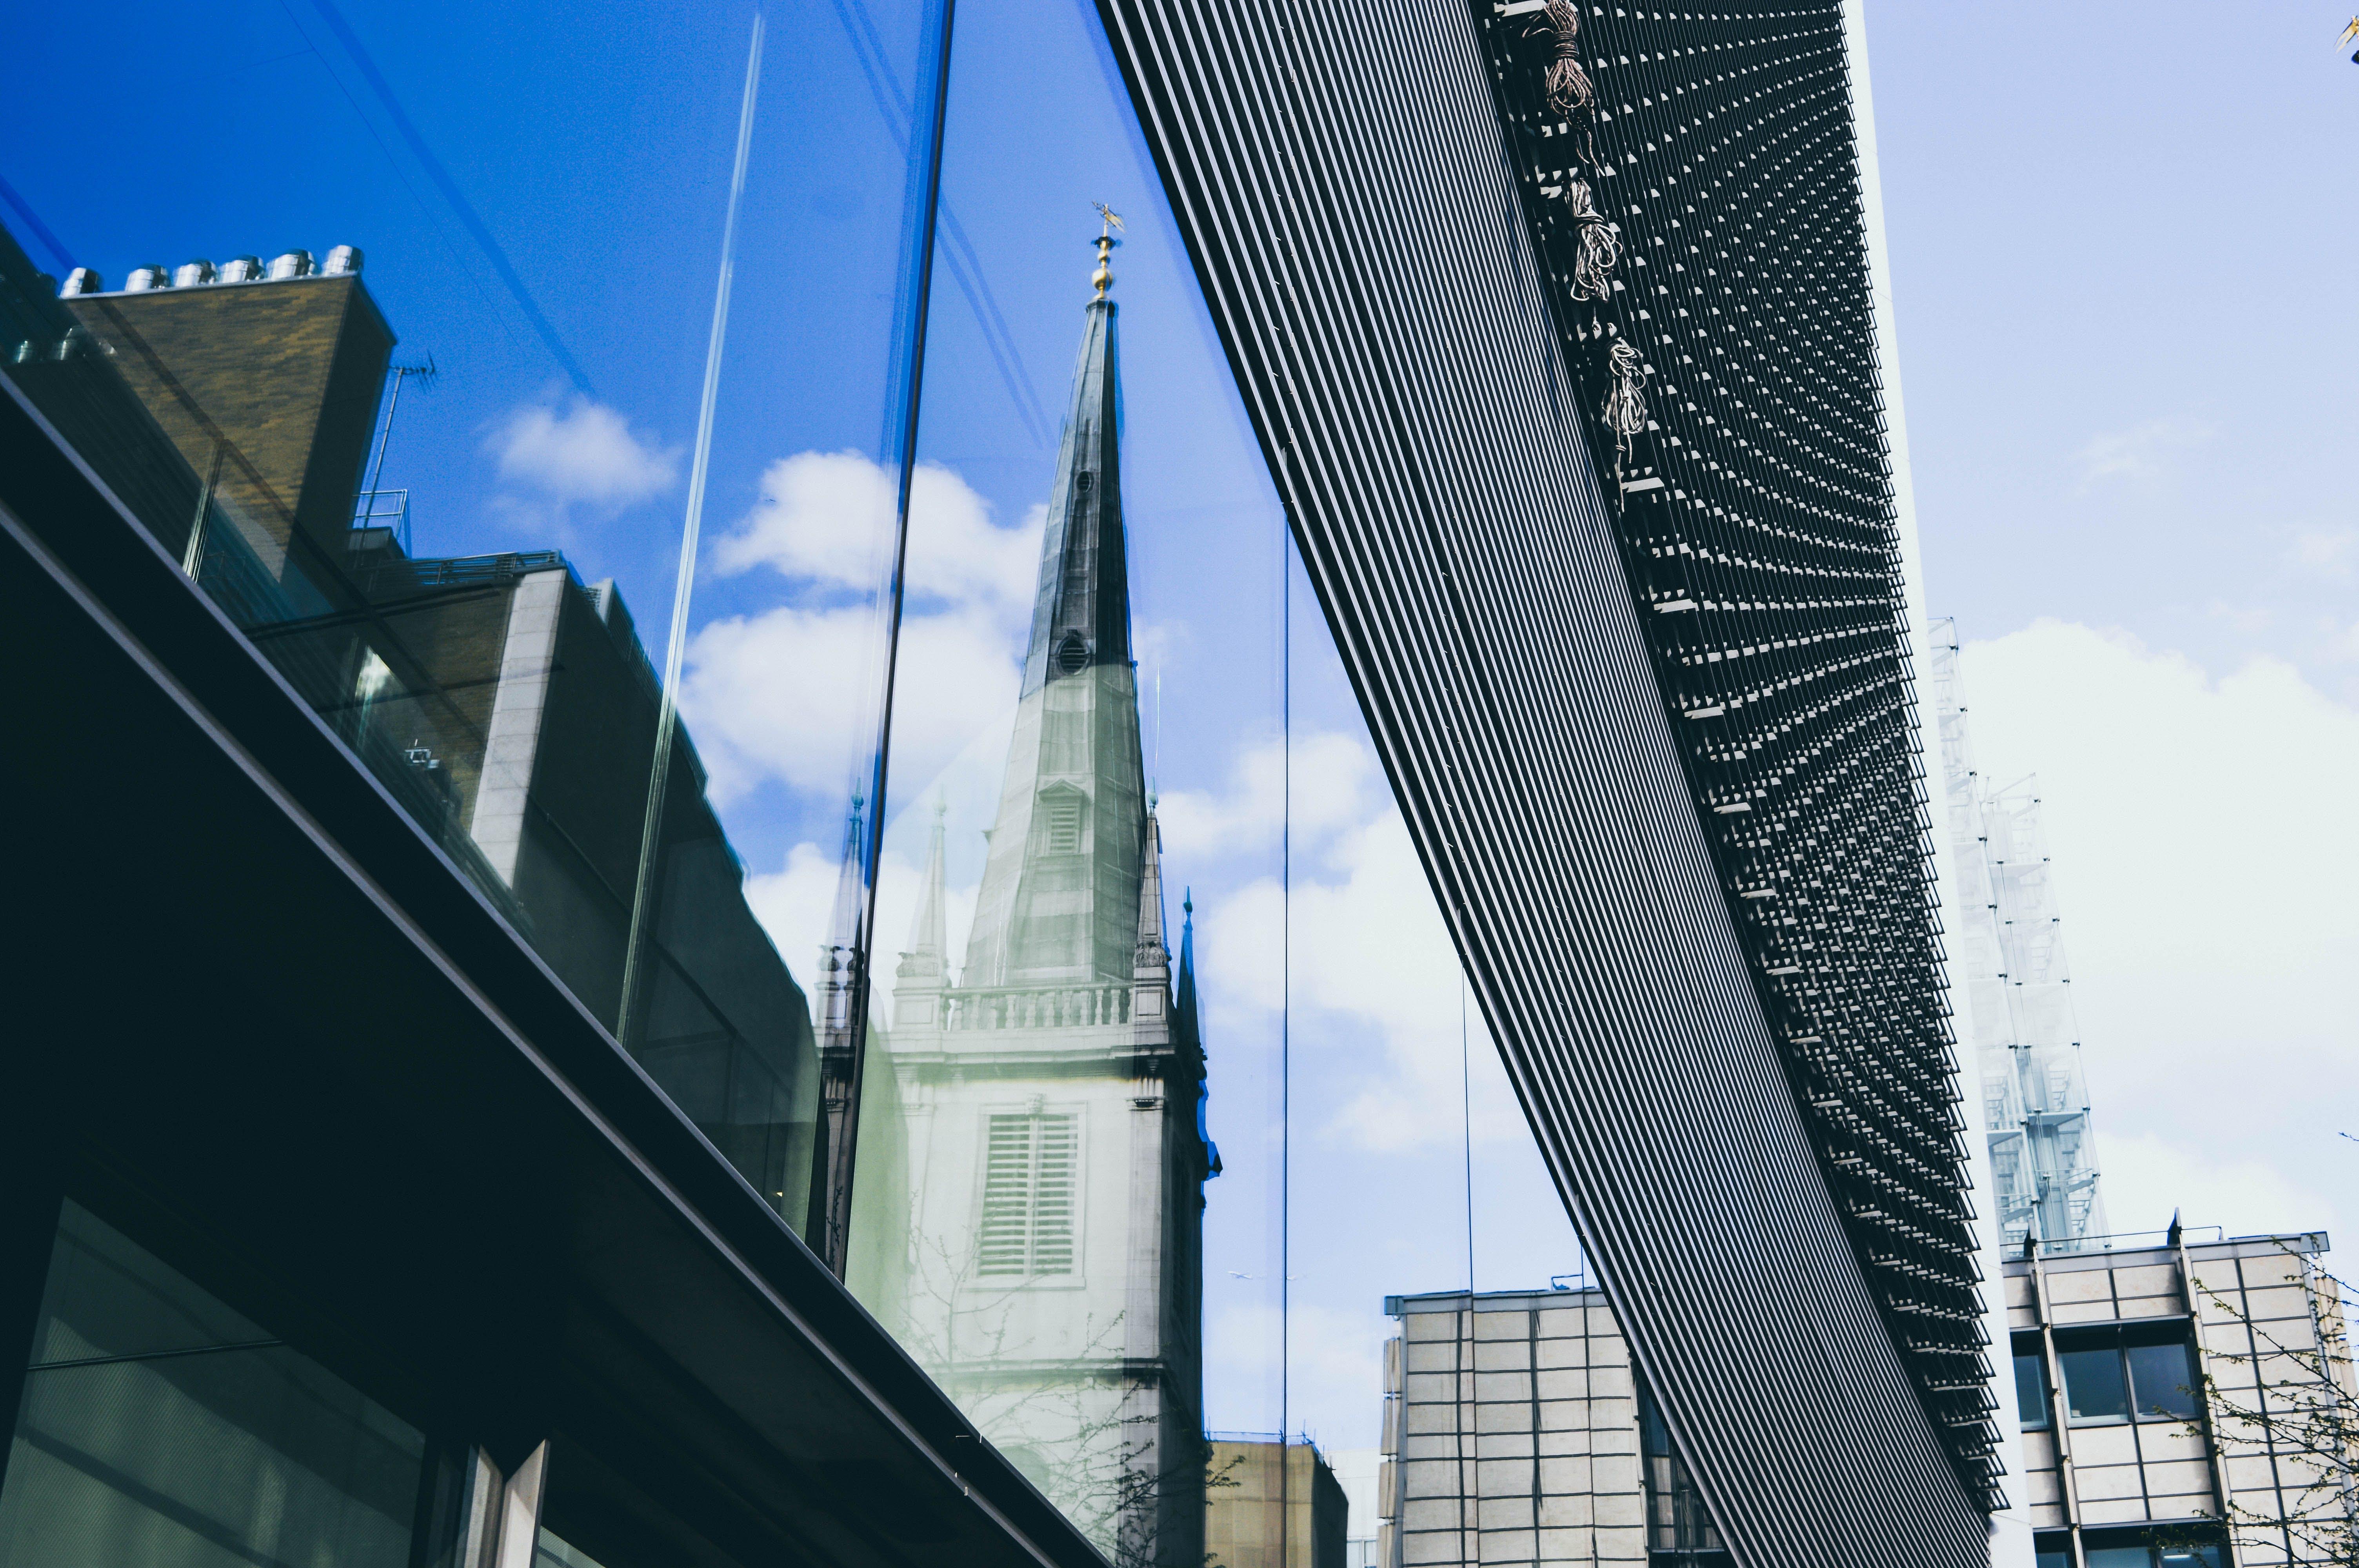 Gratis stockfoto met architectuur, binnenstad, bouw, brug